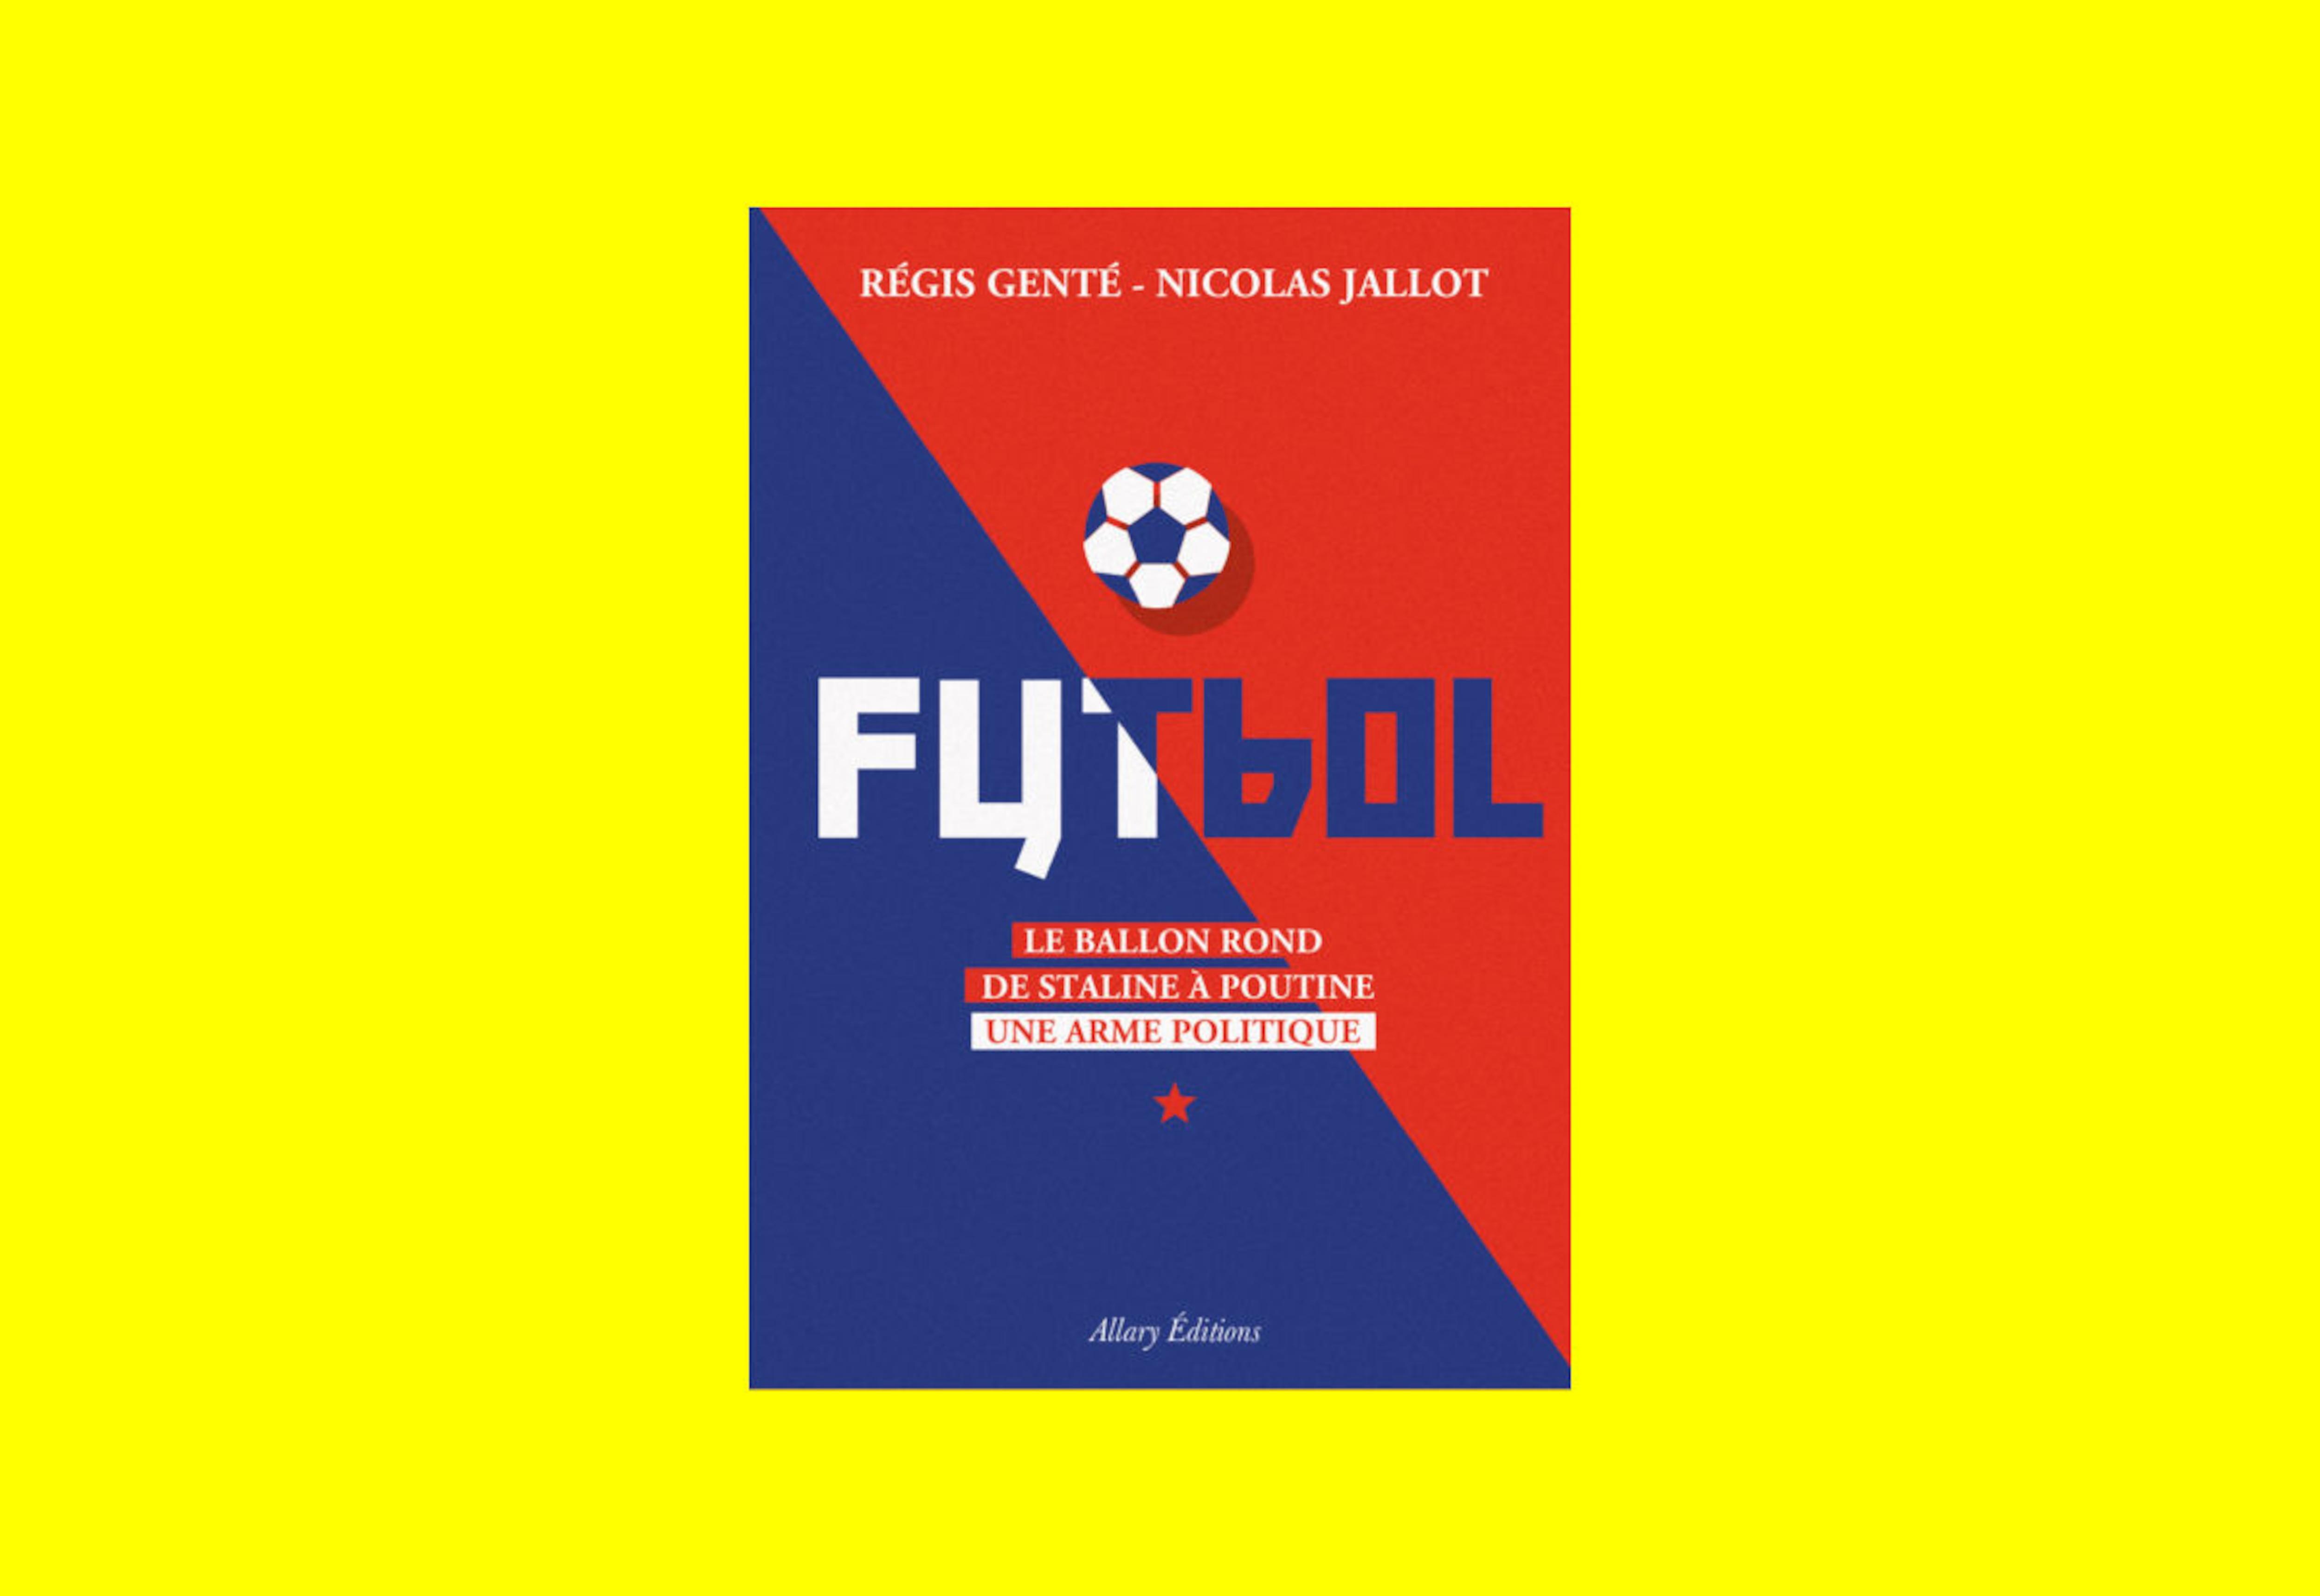 La couverture du livre Futbol – Le ballon rond de Staline à Poutine, une arme politique, de Régis Genté et Nicolas Jaillot